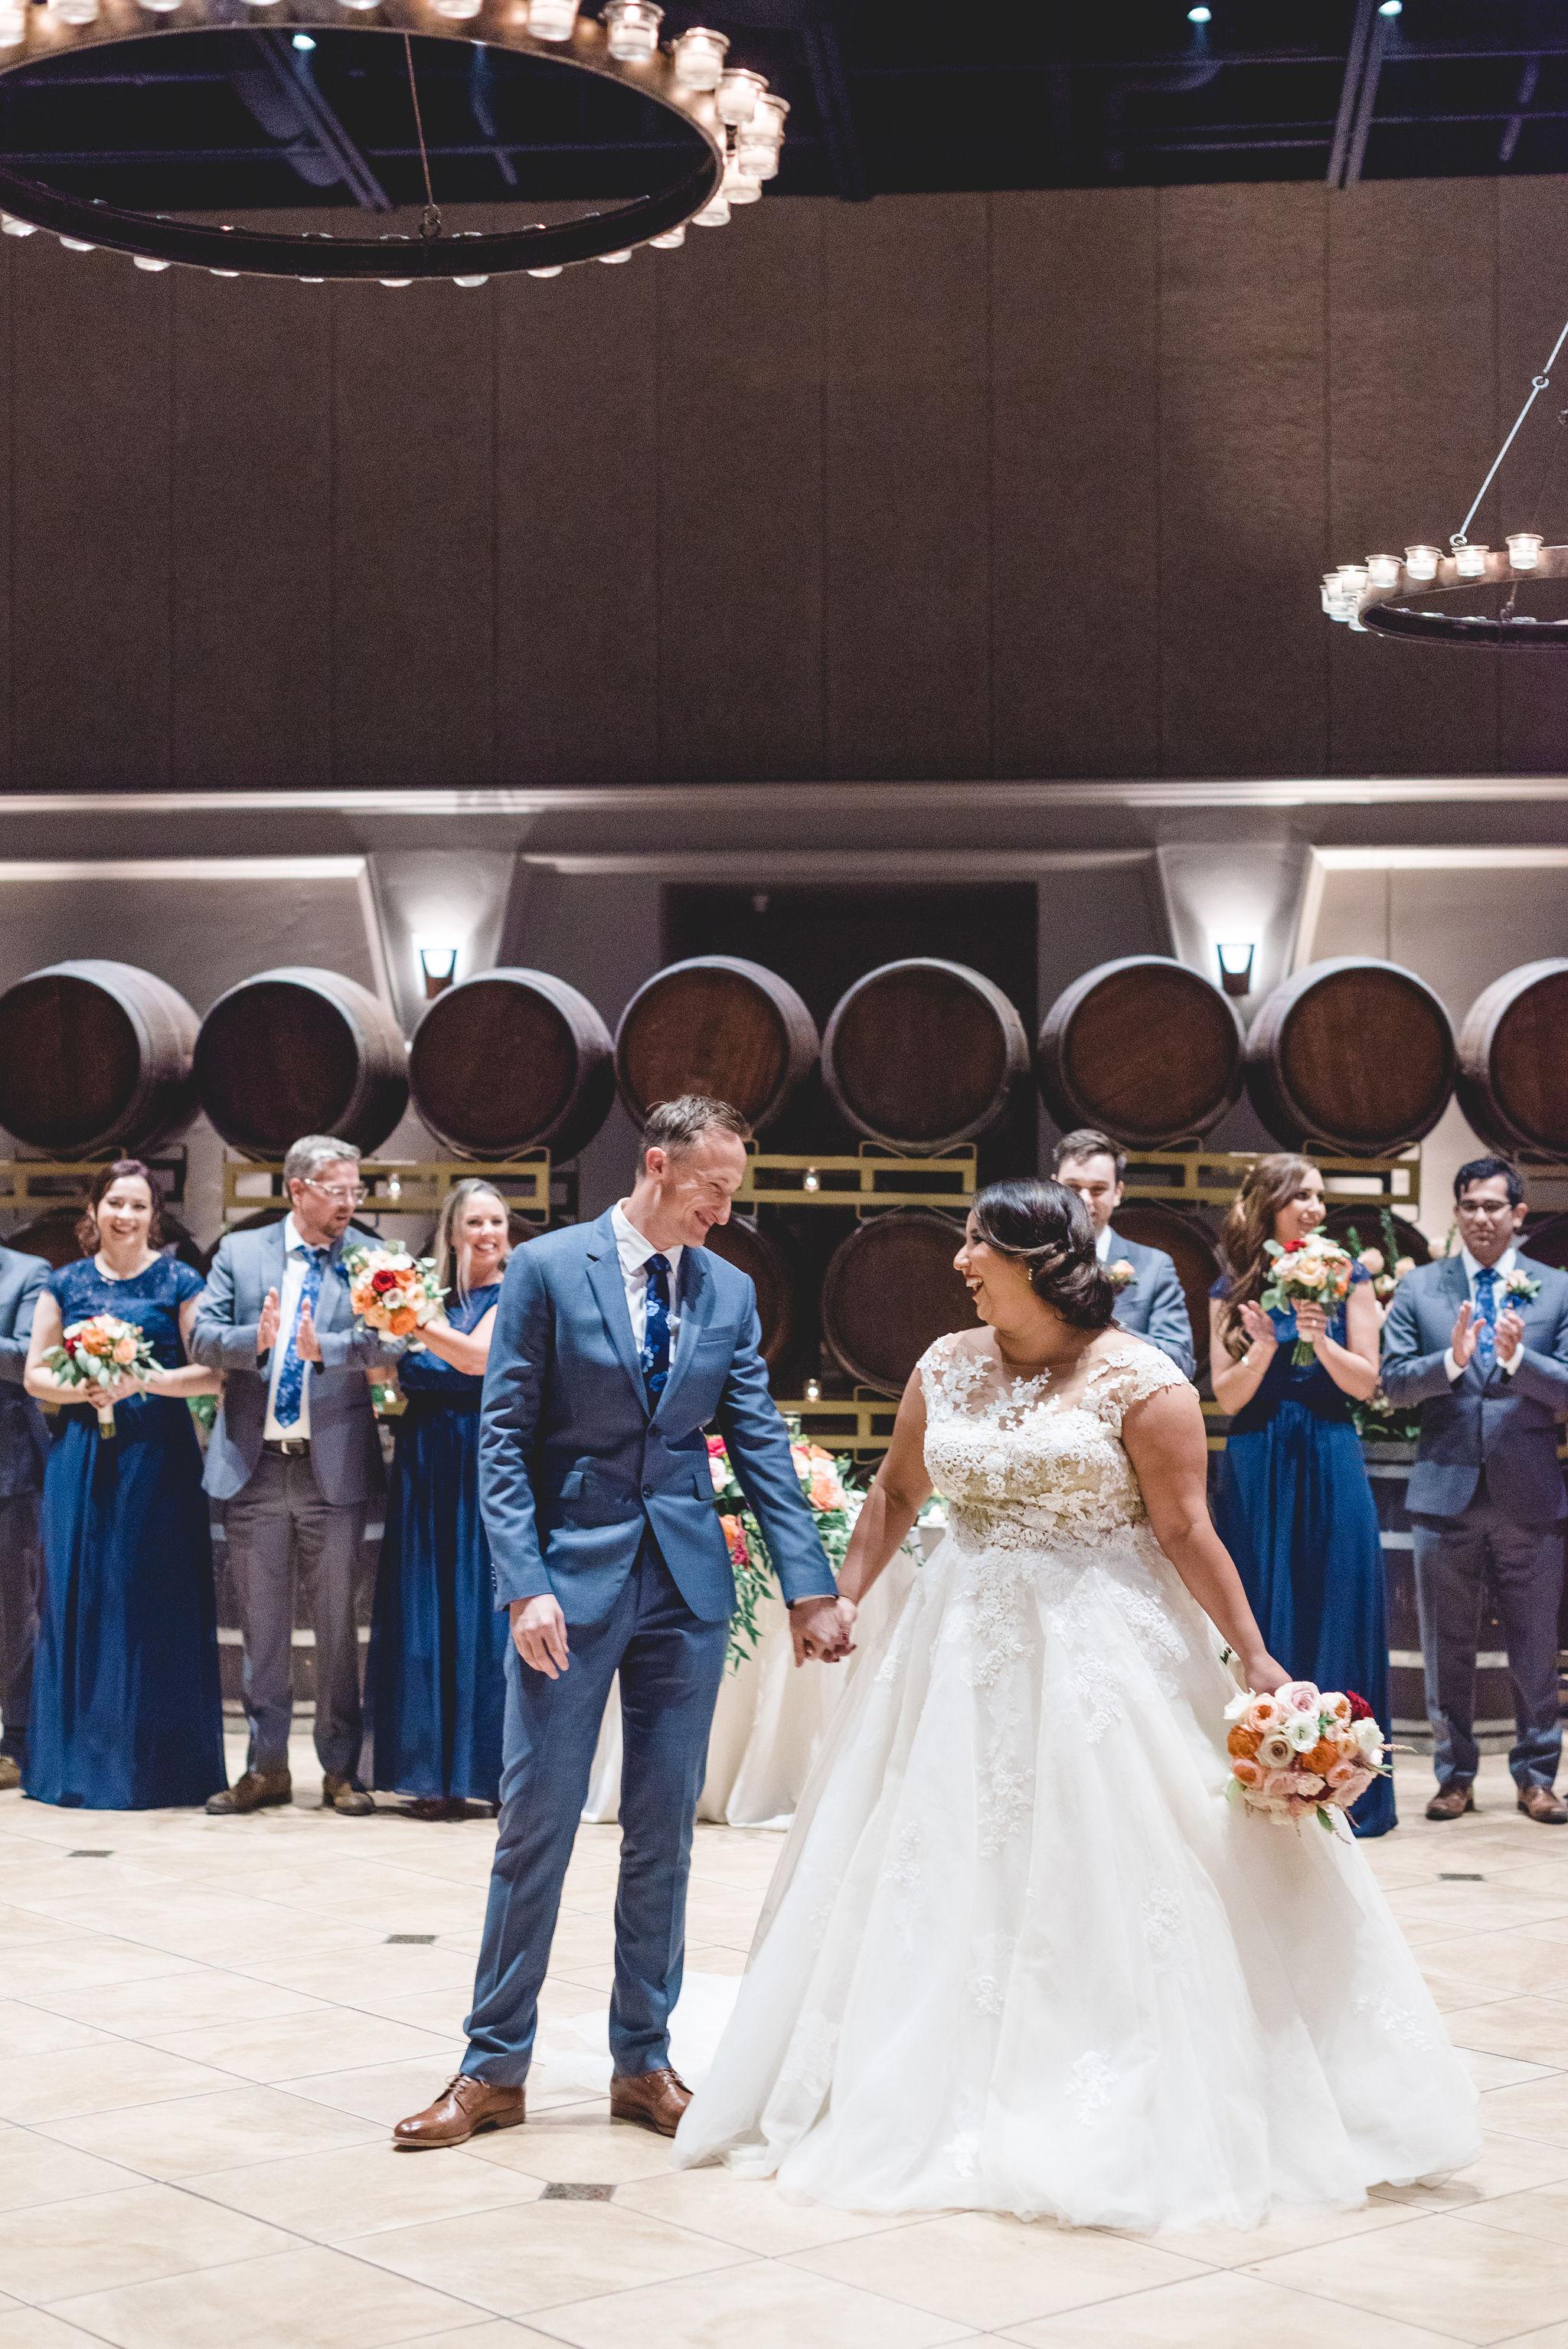 rokes_wedding-reception-73.jpg